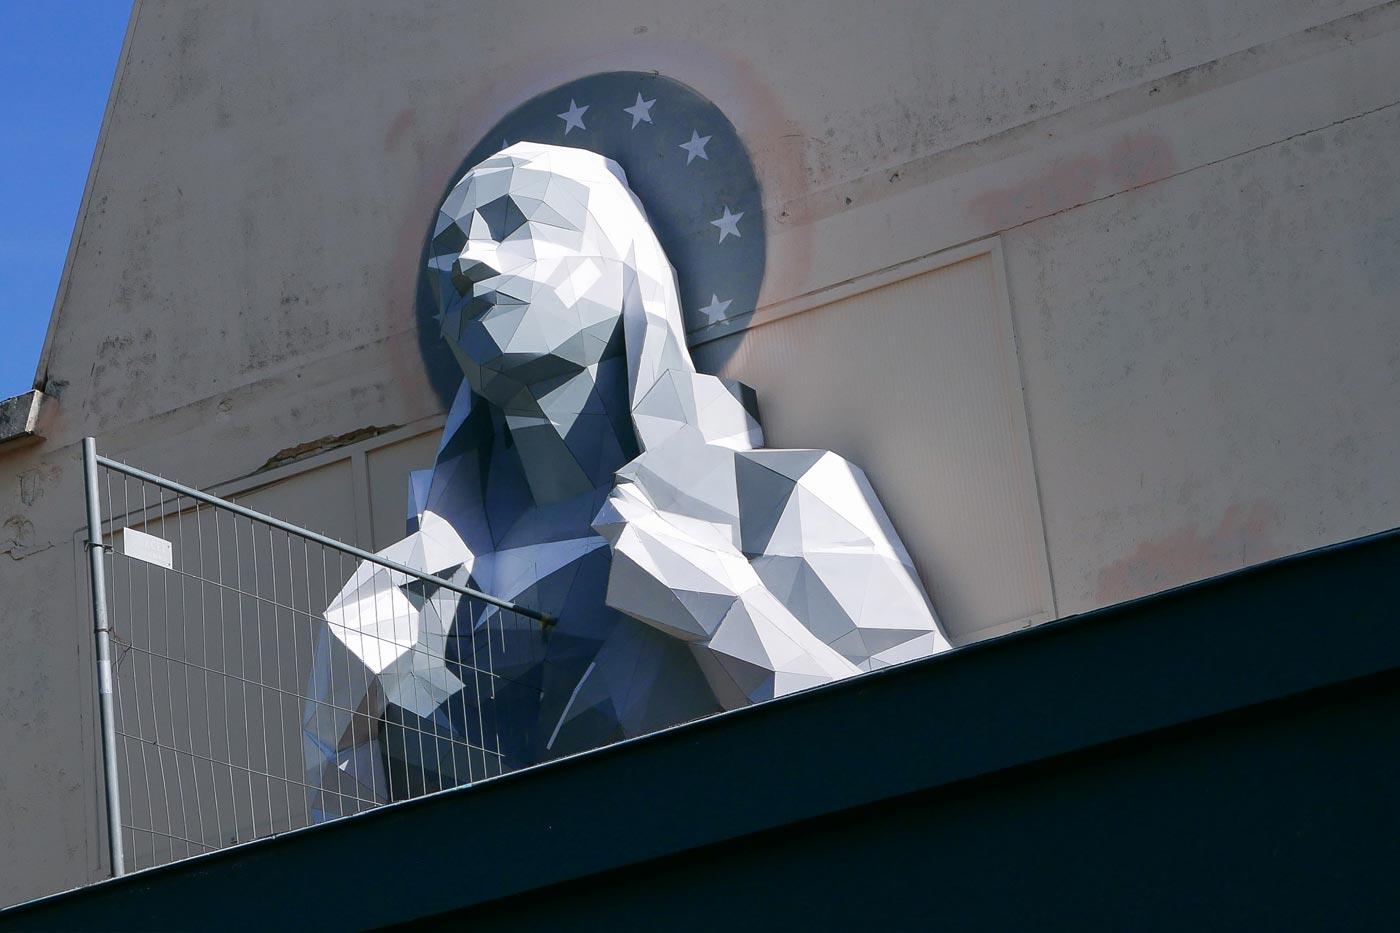 David Mesguich crea sculture umanitarie che sembrano computer grafica